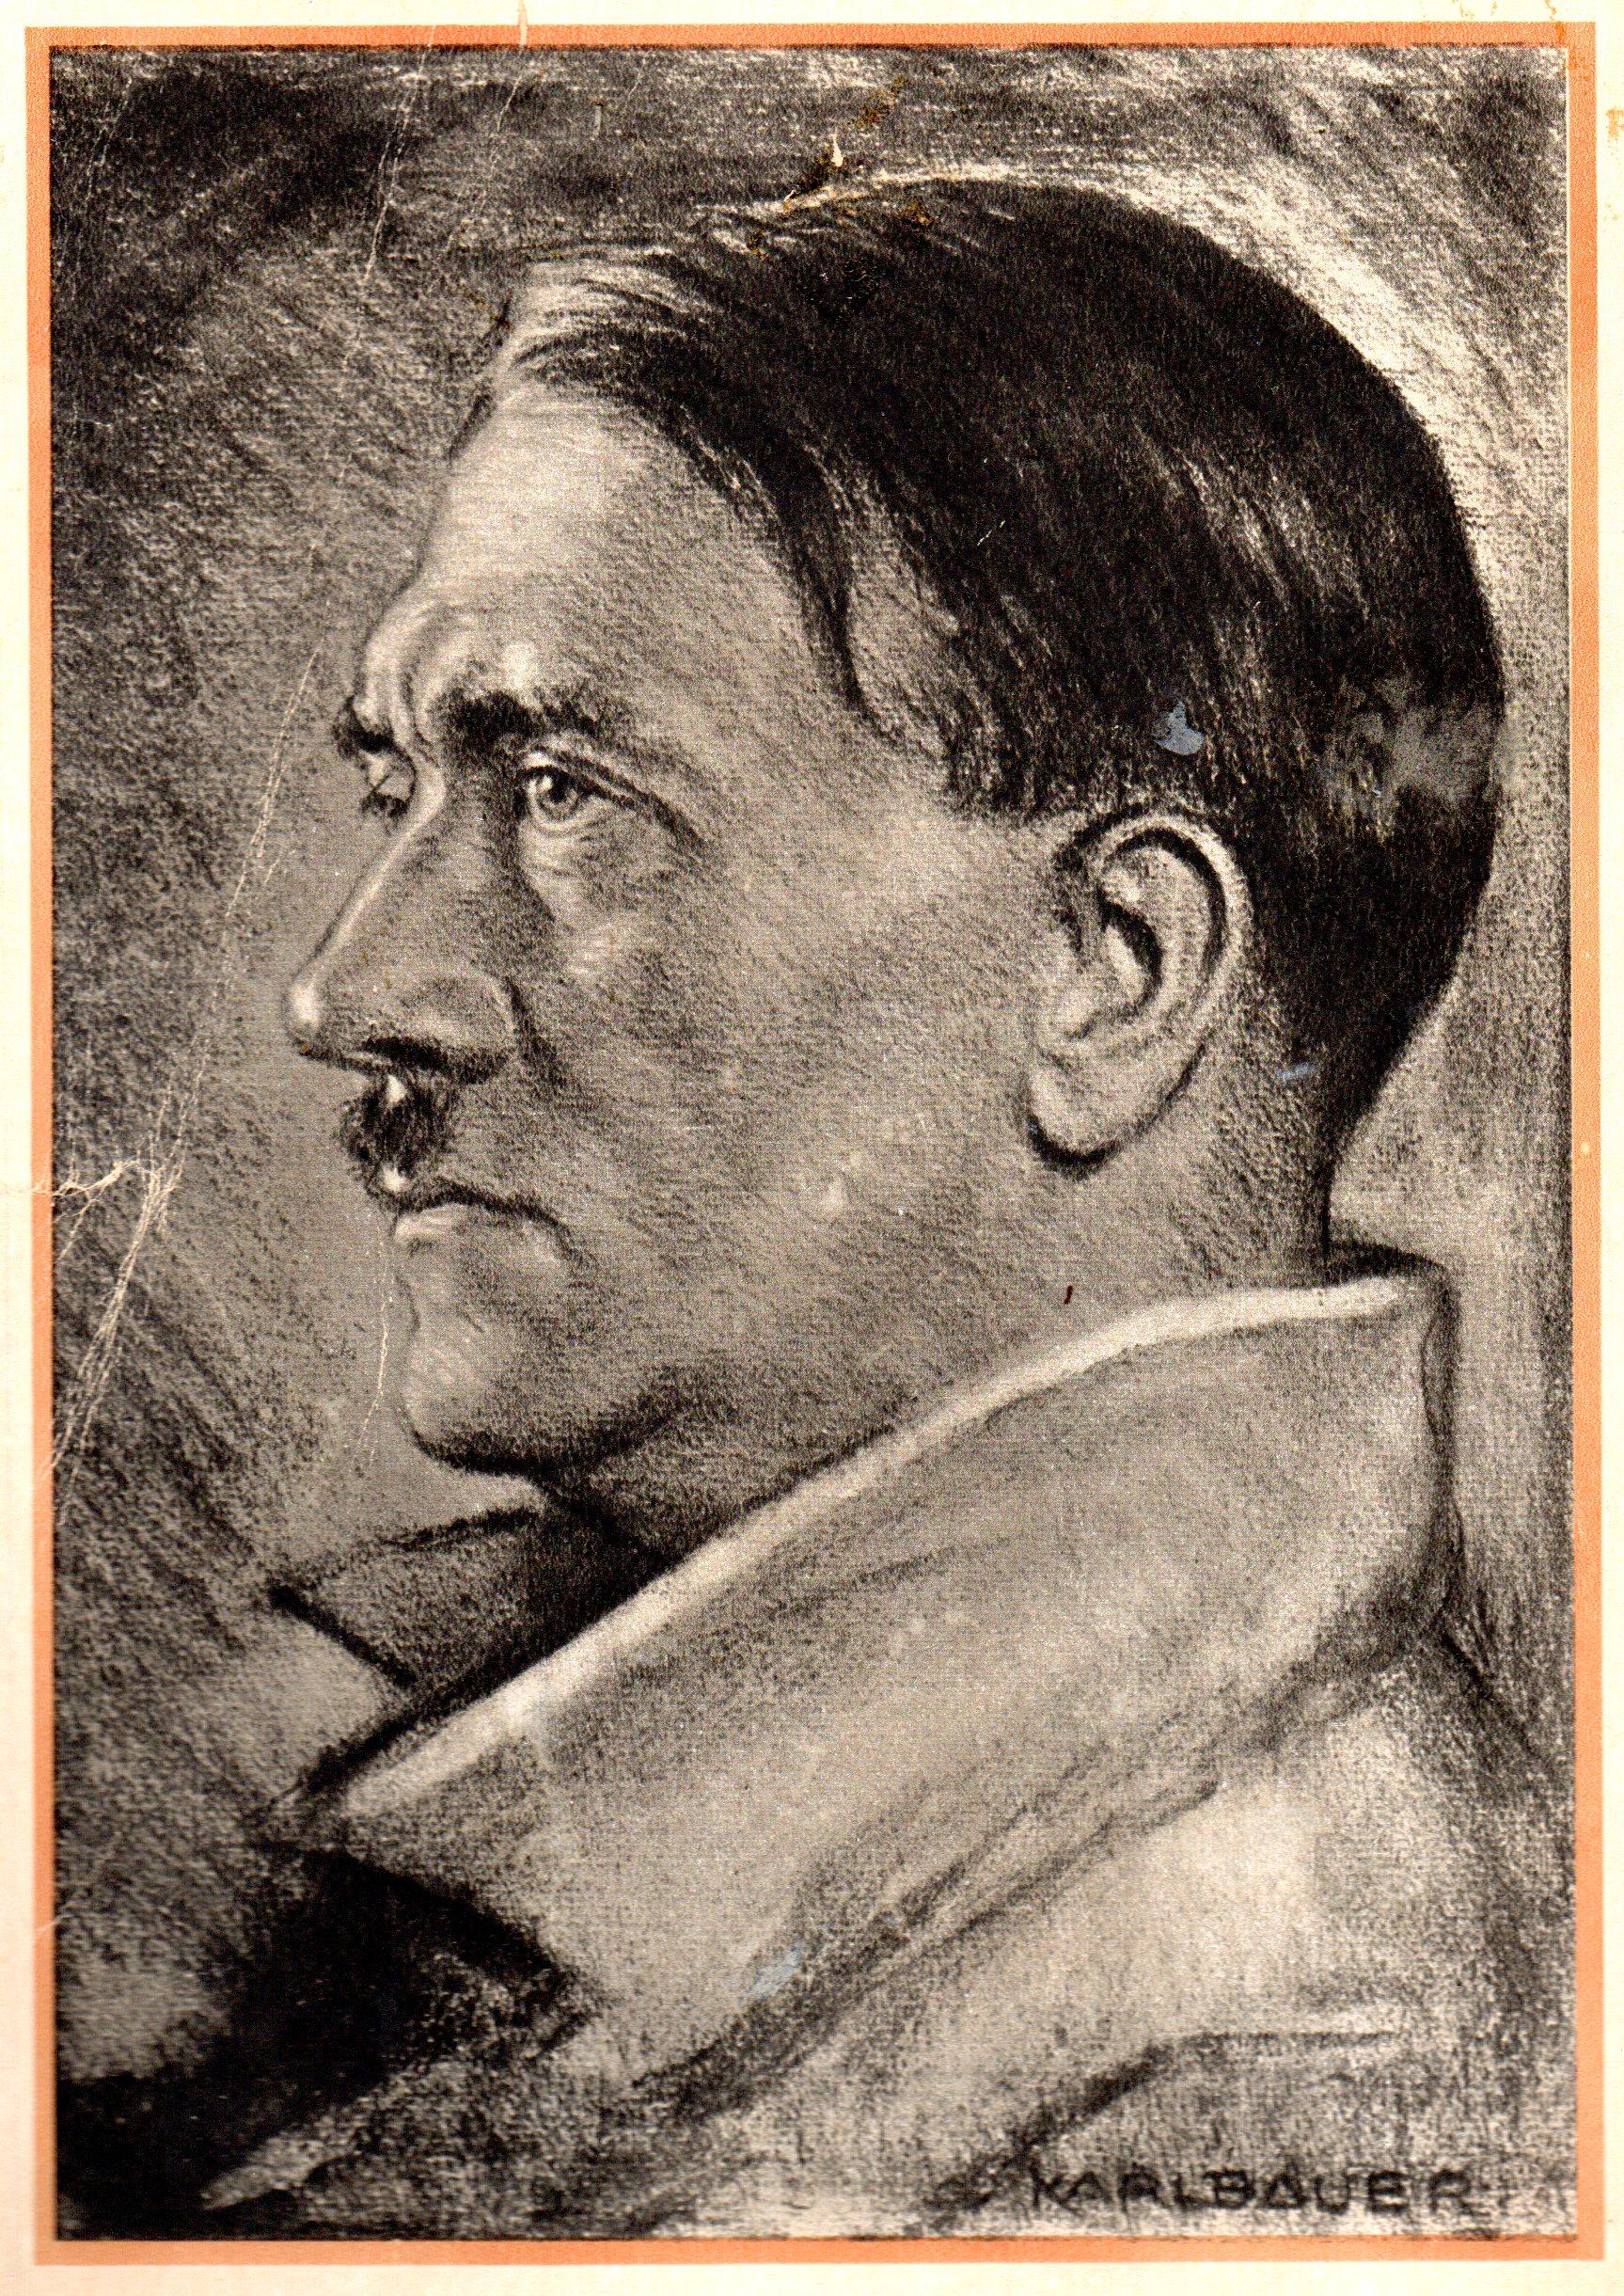 Karl Bauer: Porträt Von Adolf Hitler